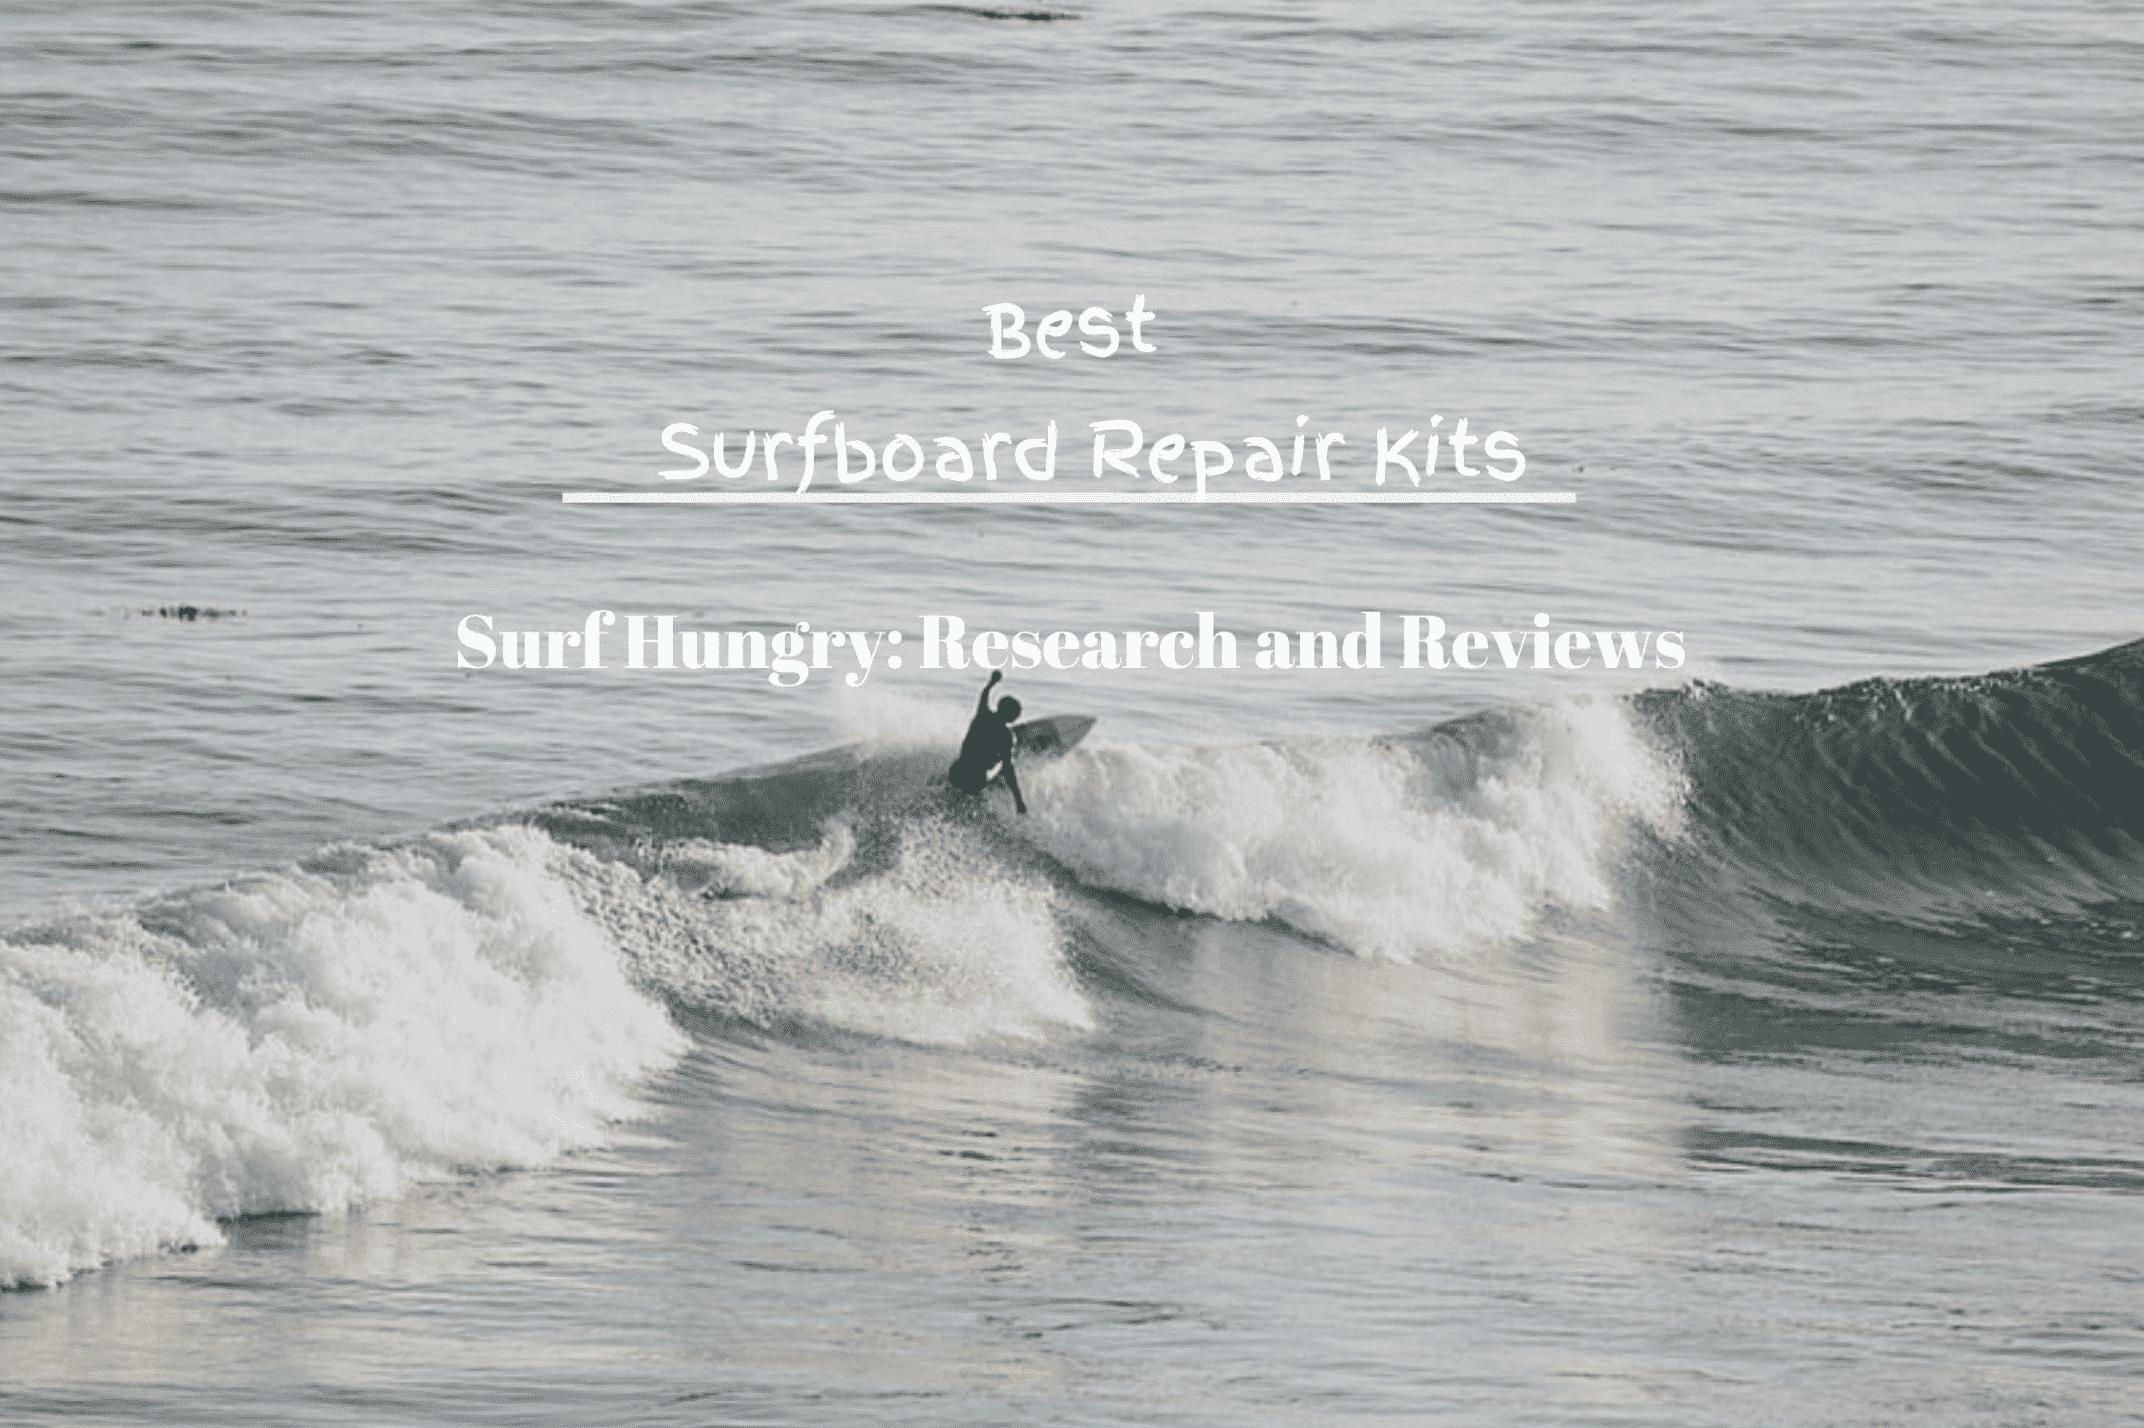 best surfboard repair kits